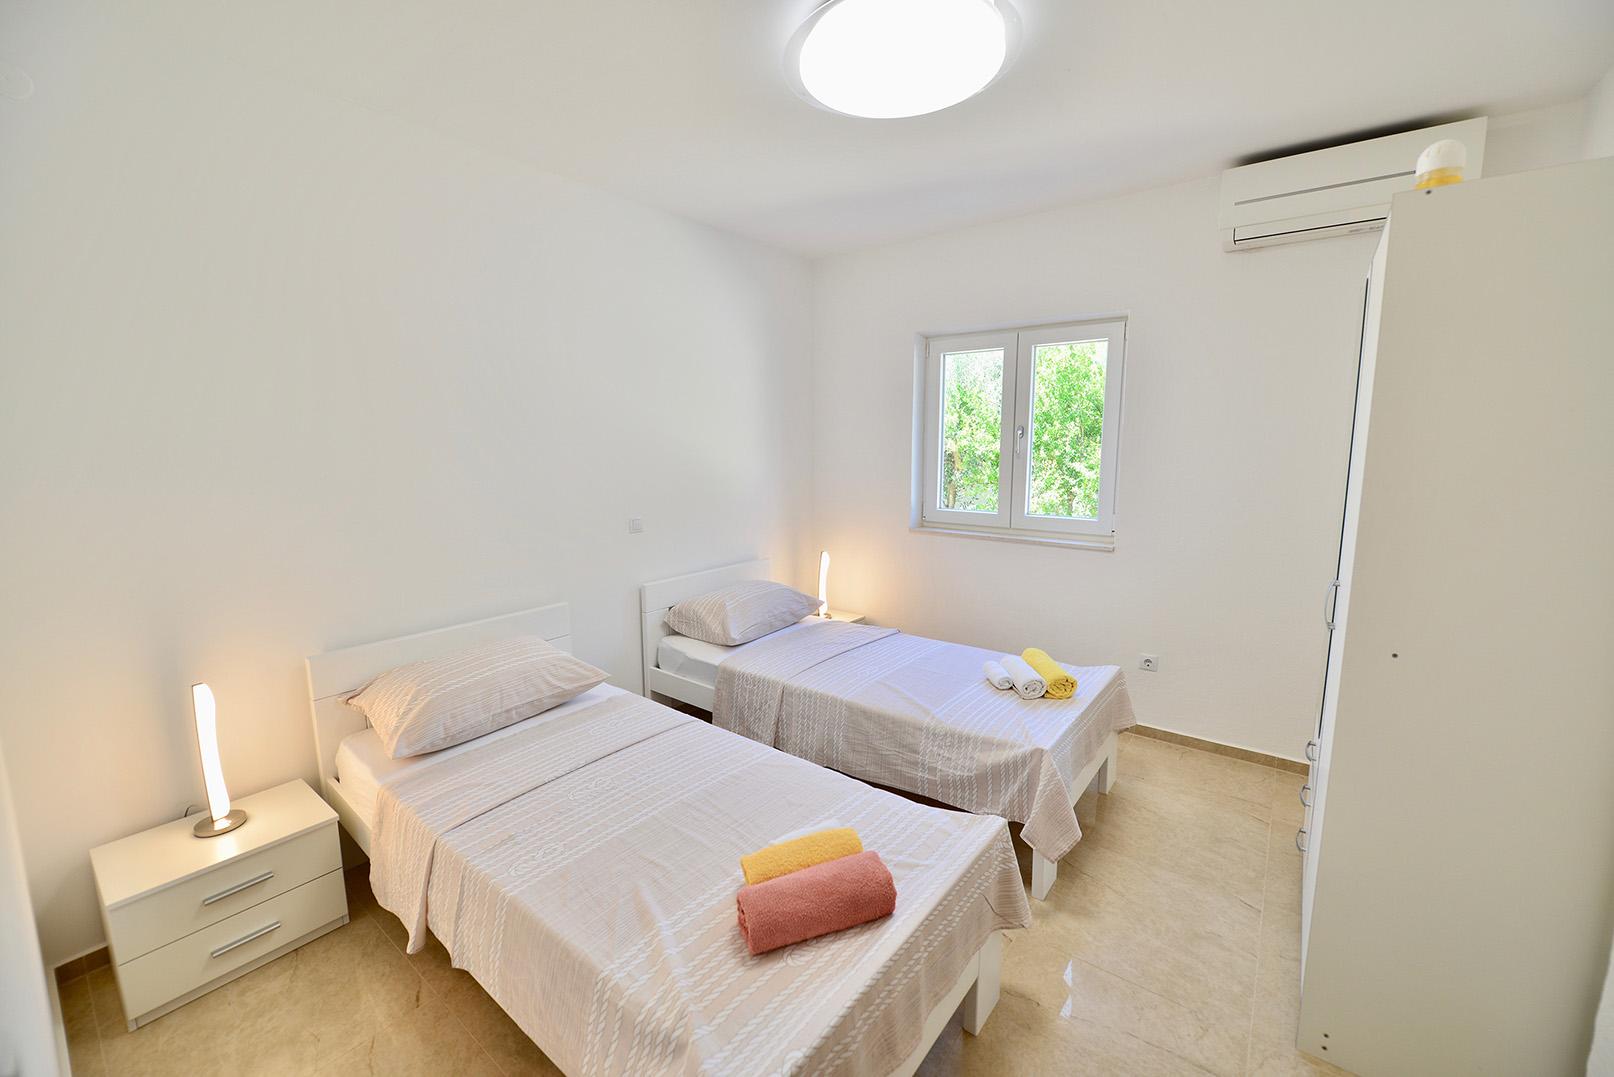 ferienwohnungen auf hvar ferienwohnung in kroatien direkt. Black Bedroom Furniture Sets. Home Design Ideas